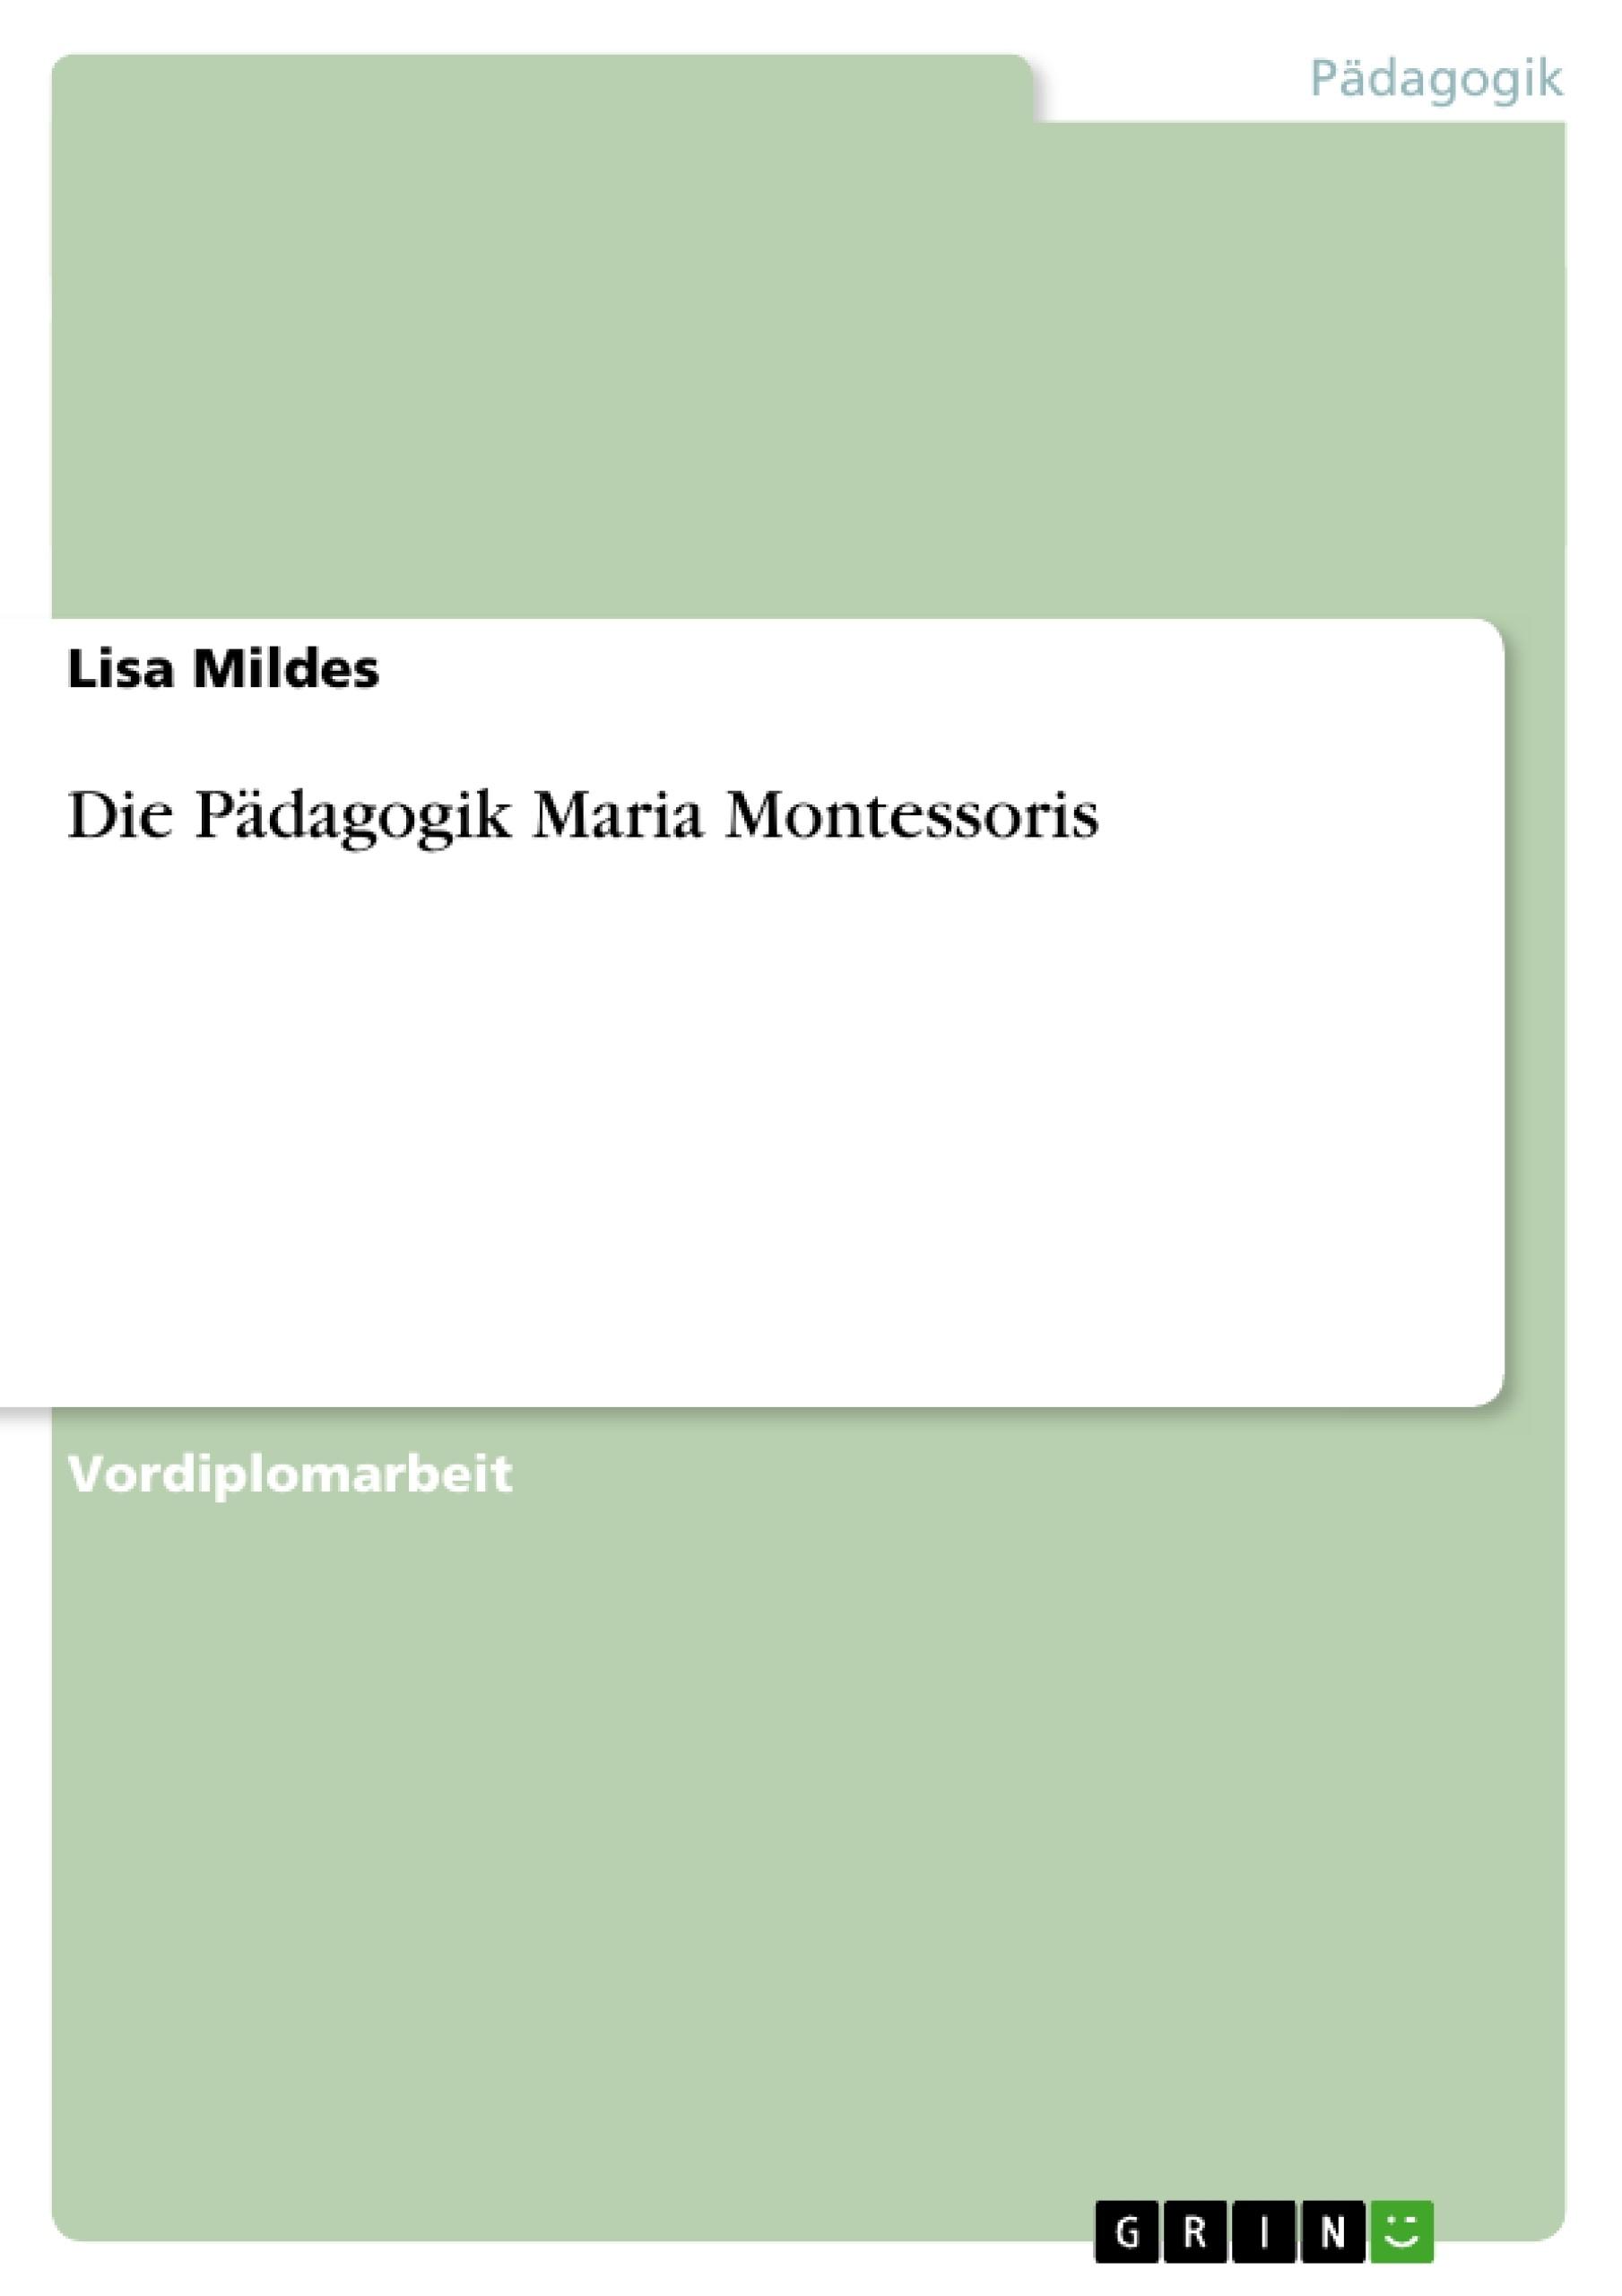 Titel: Die Pädagogik Maria Montessoris